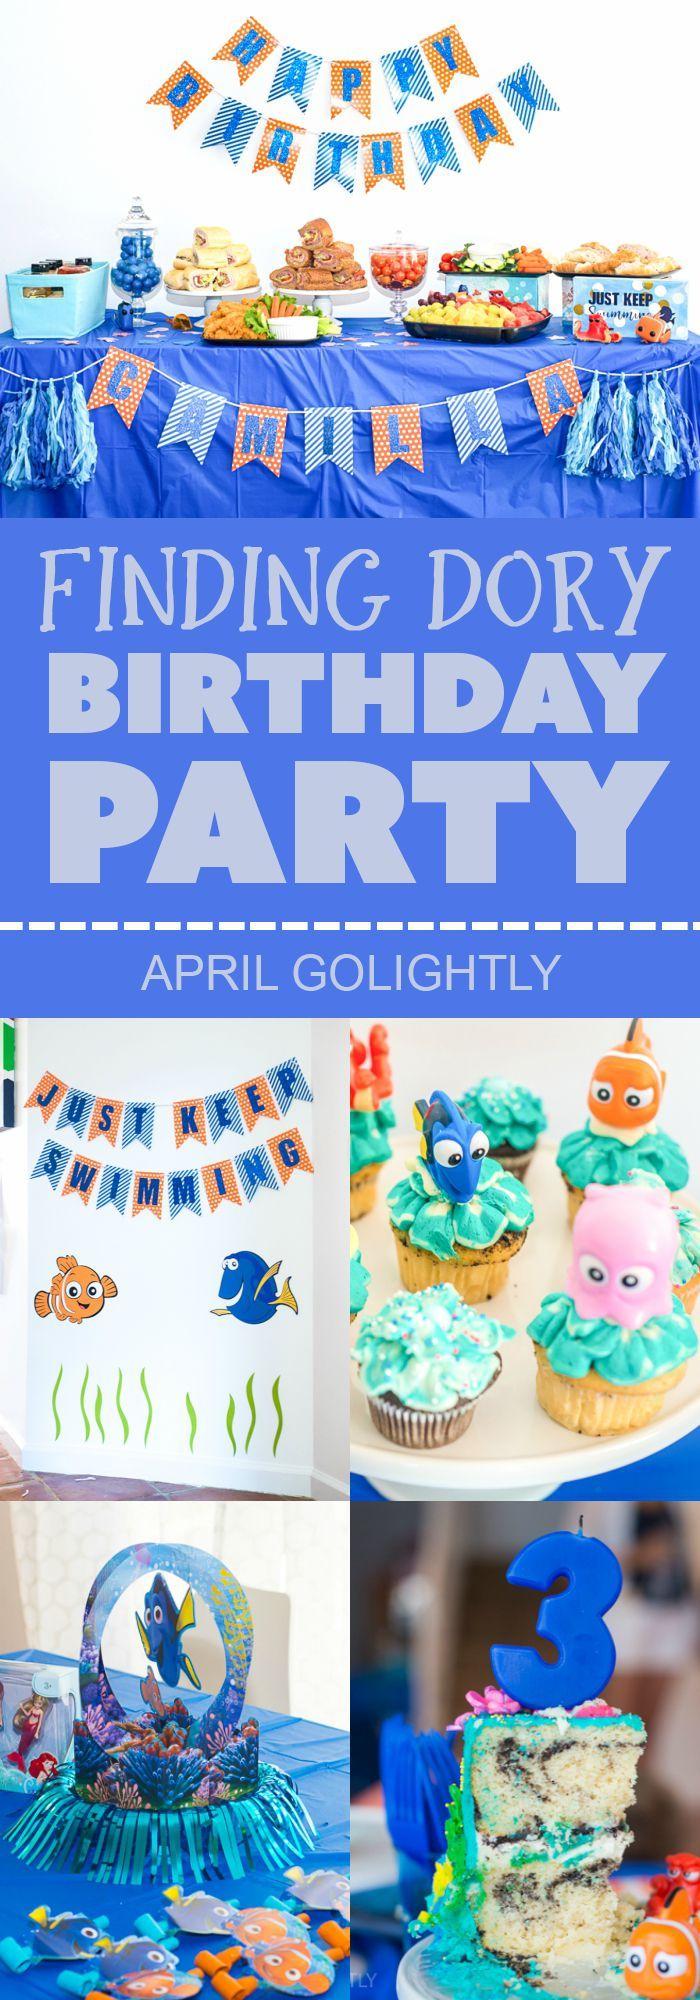 Idéias e plano de festa de aniversário Dory   – Shower & Party Ideas